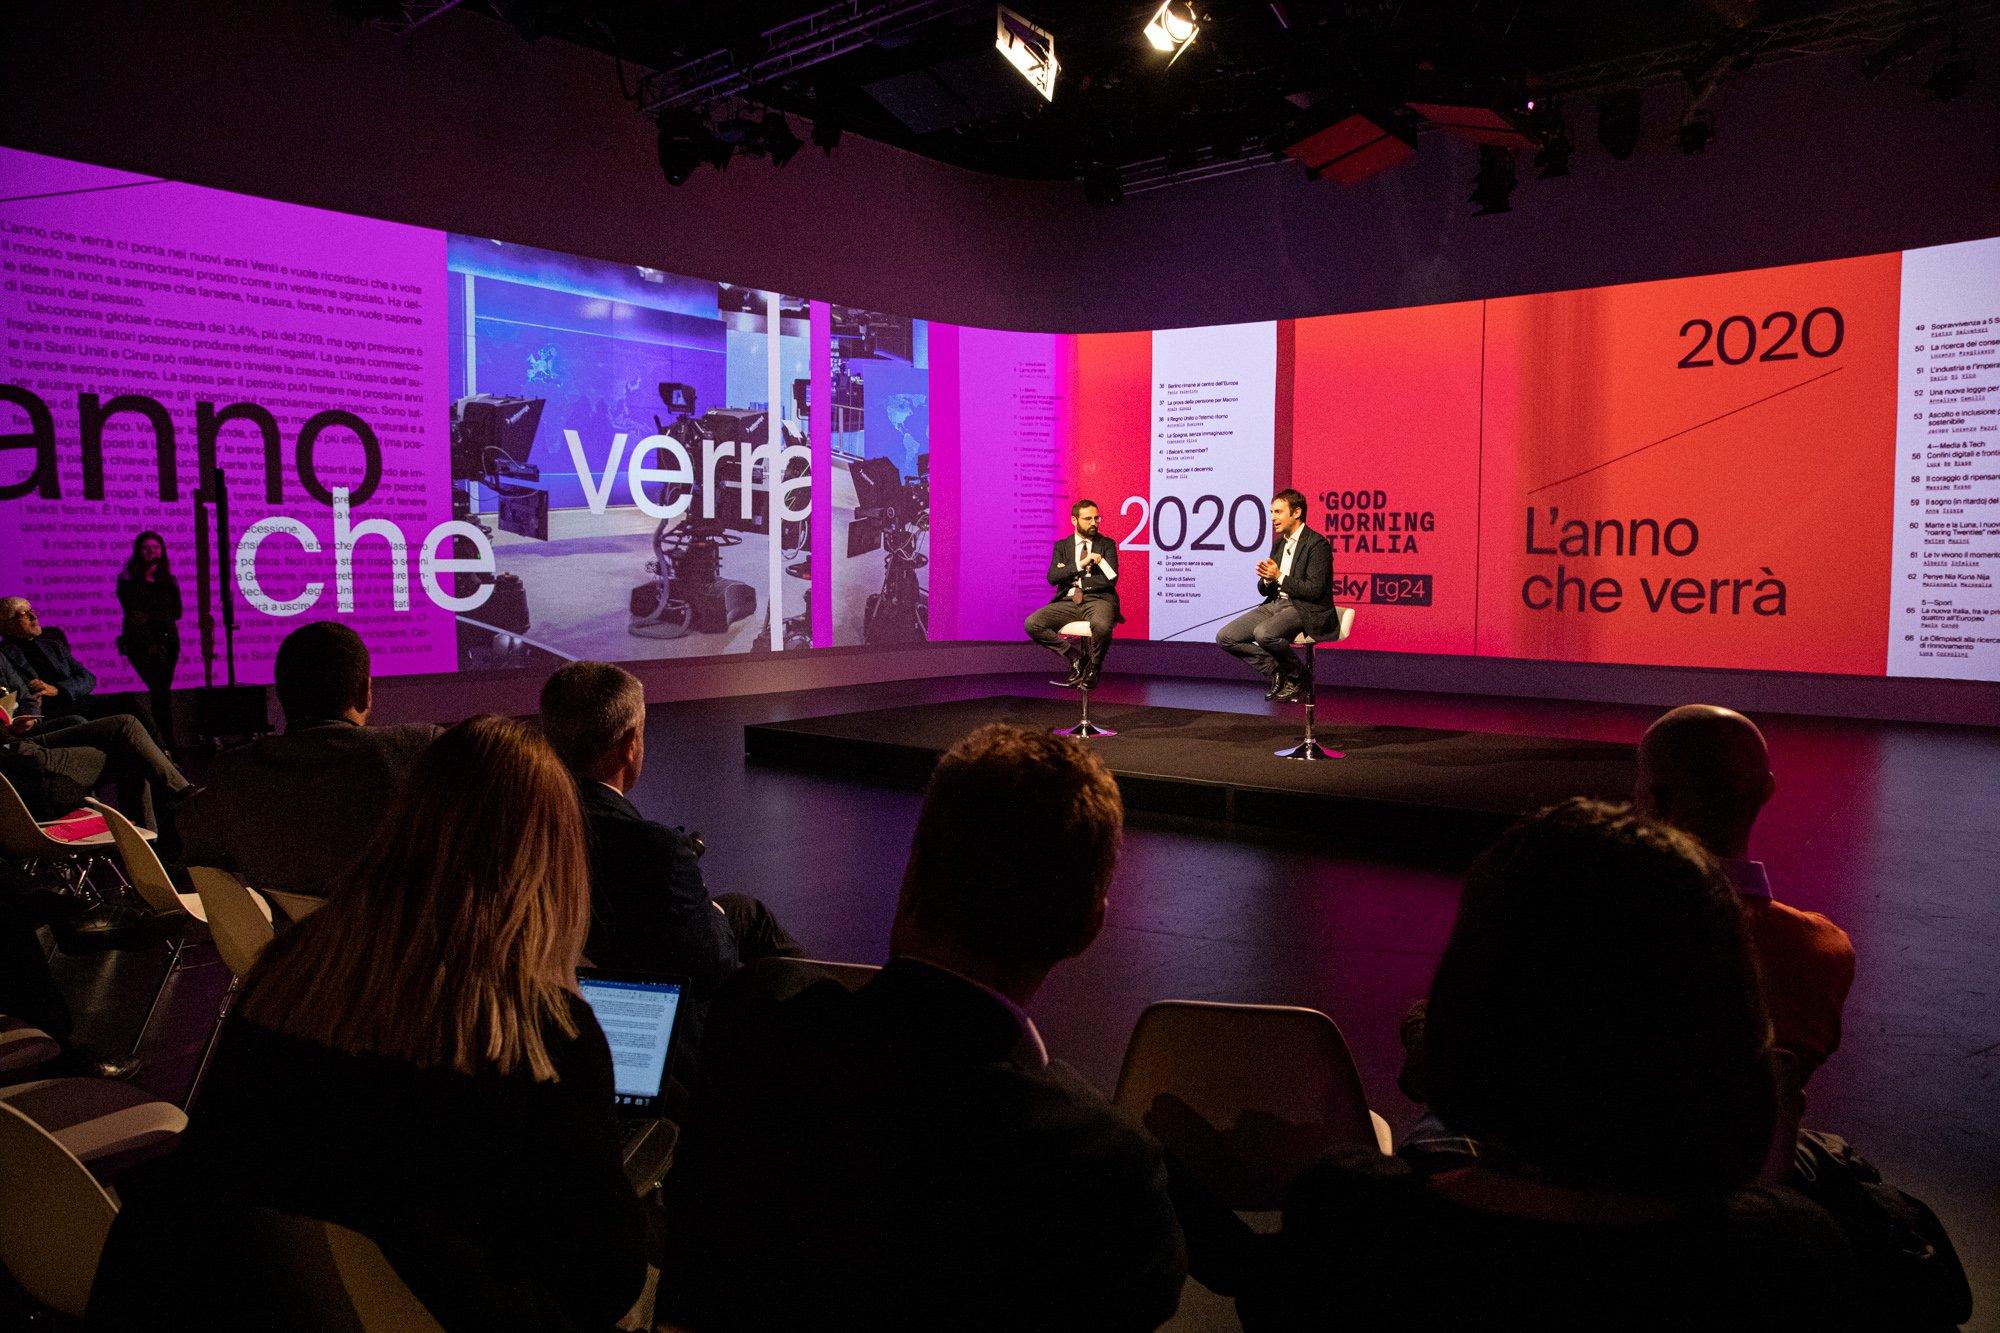 Un libro per scoprire il 2020, Sky TG24 è media partner del progetto